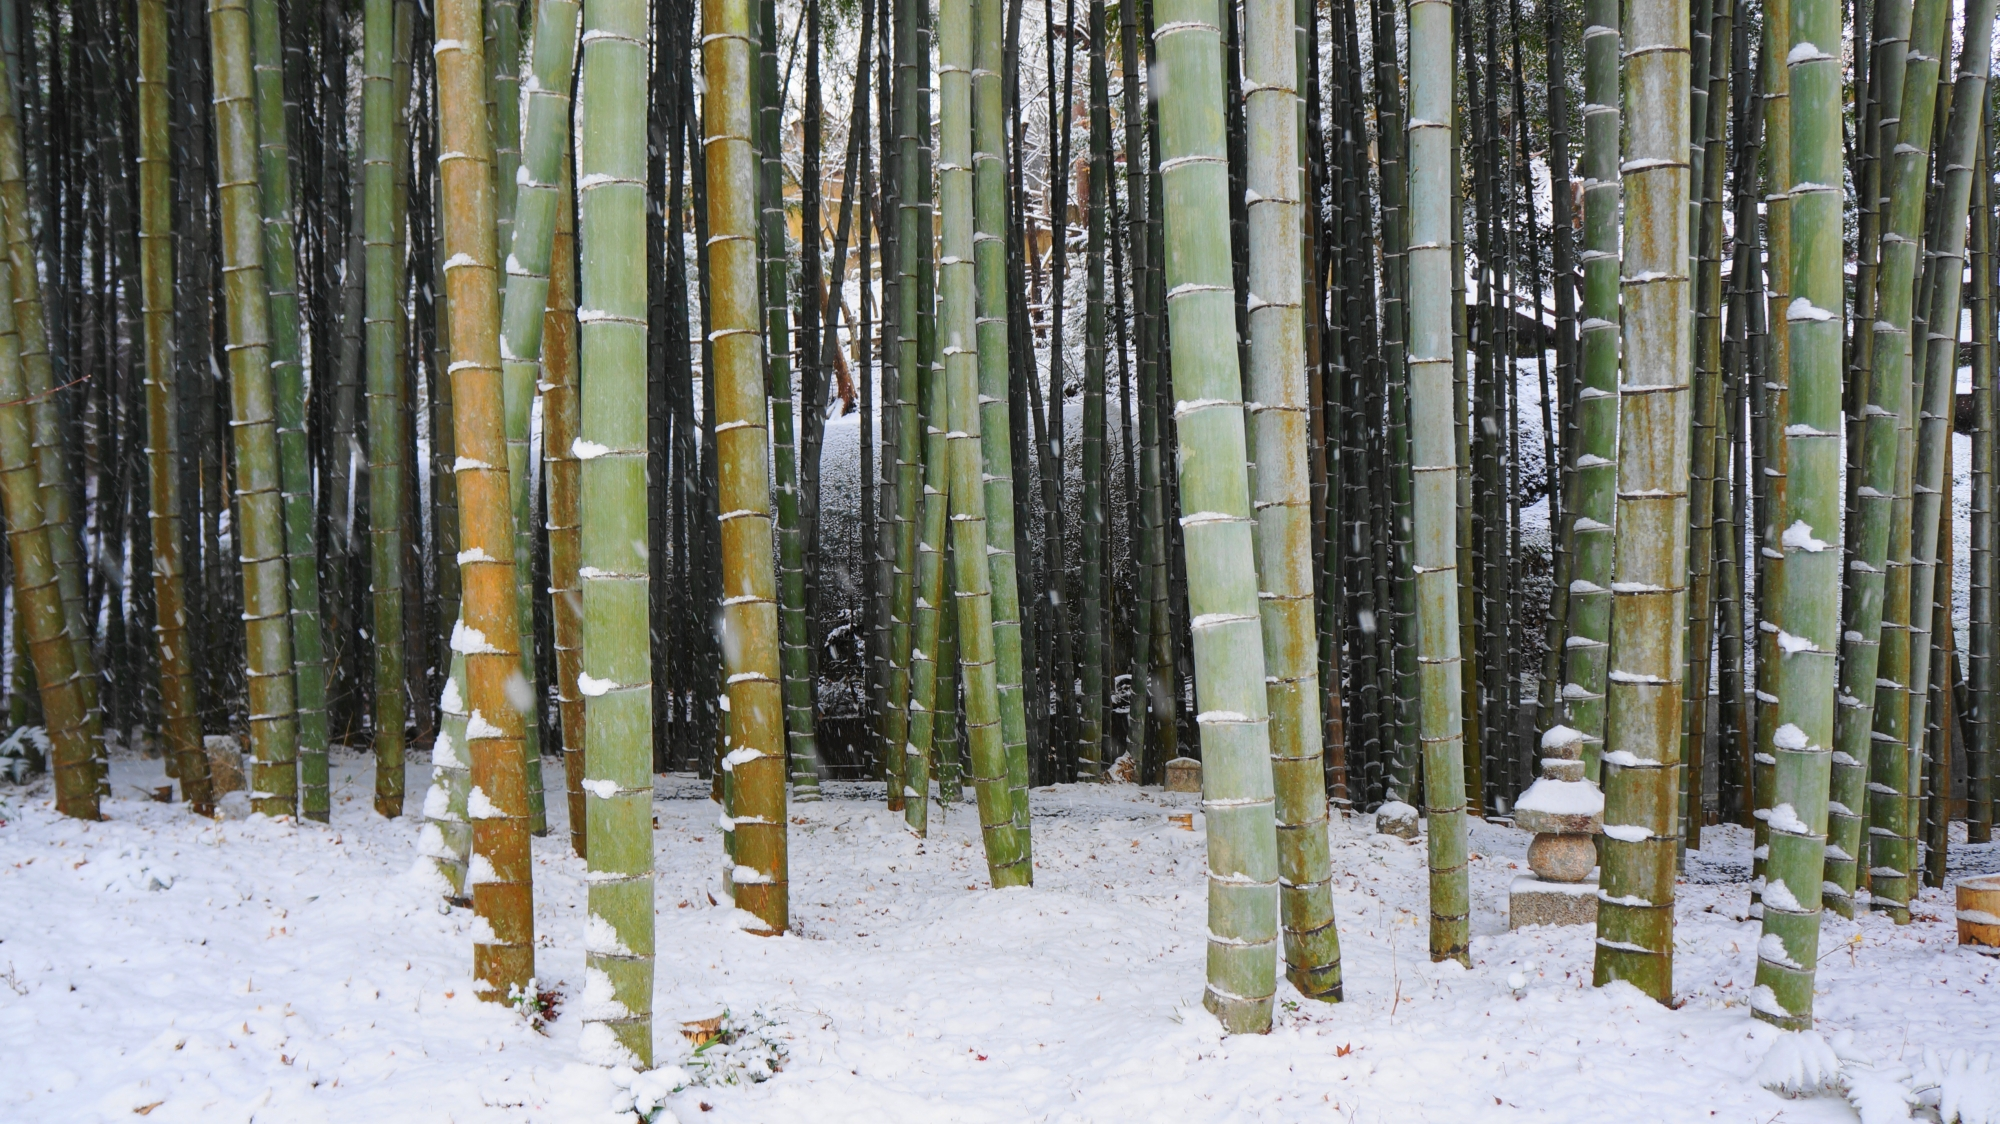 圓光寺の竹林の雪景色